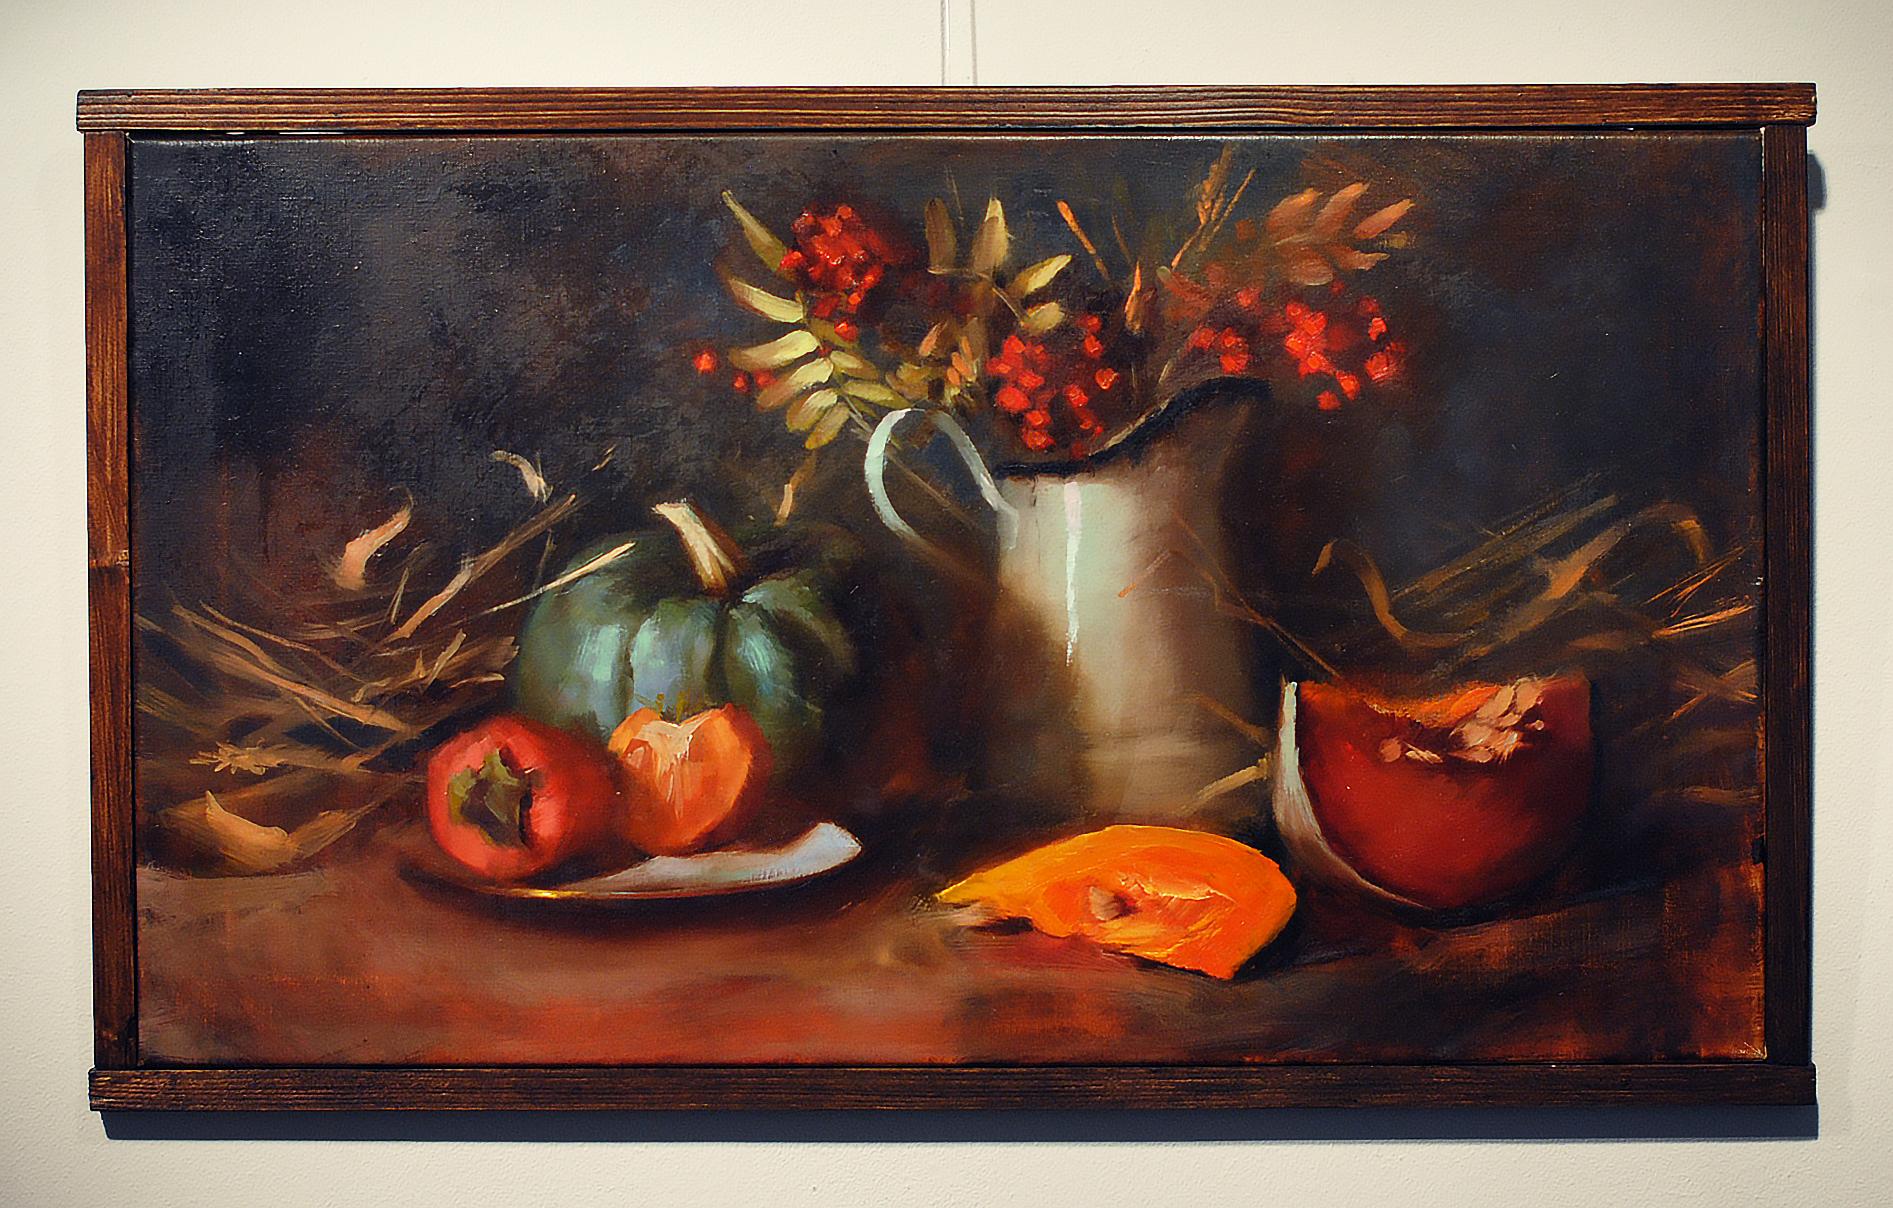 The autumn harvest